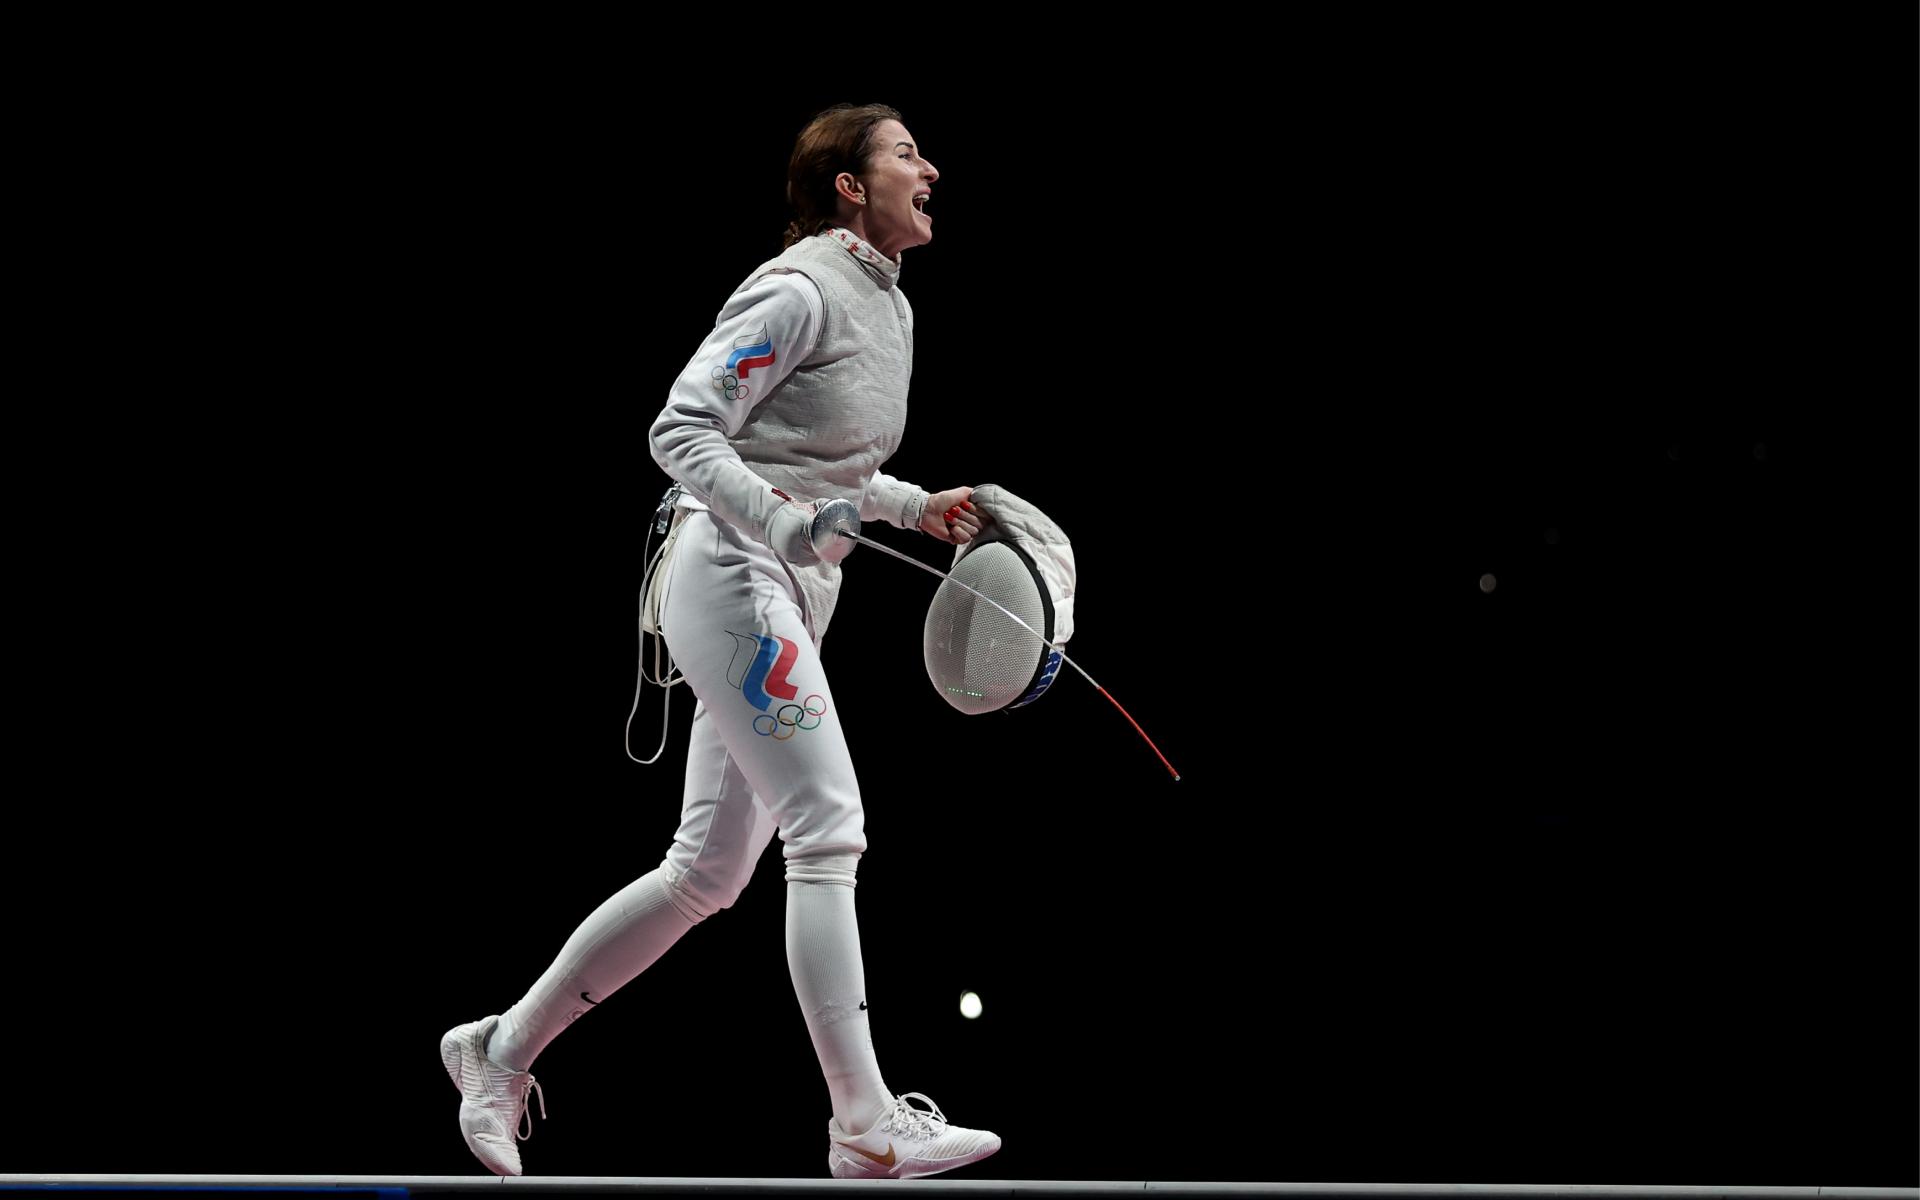 Фото: Инна Дериглазова (Elsa/Getty Images)